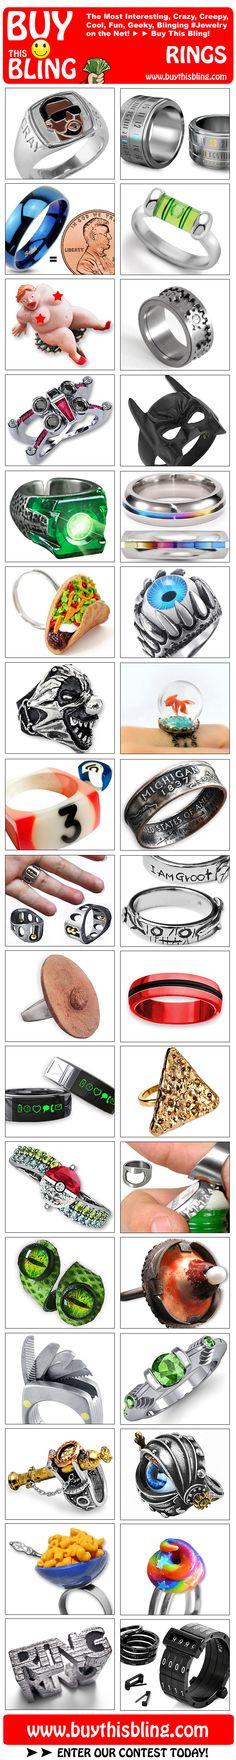 Bling Bling Rings from Buy This Bling! :)